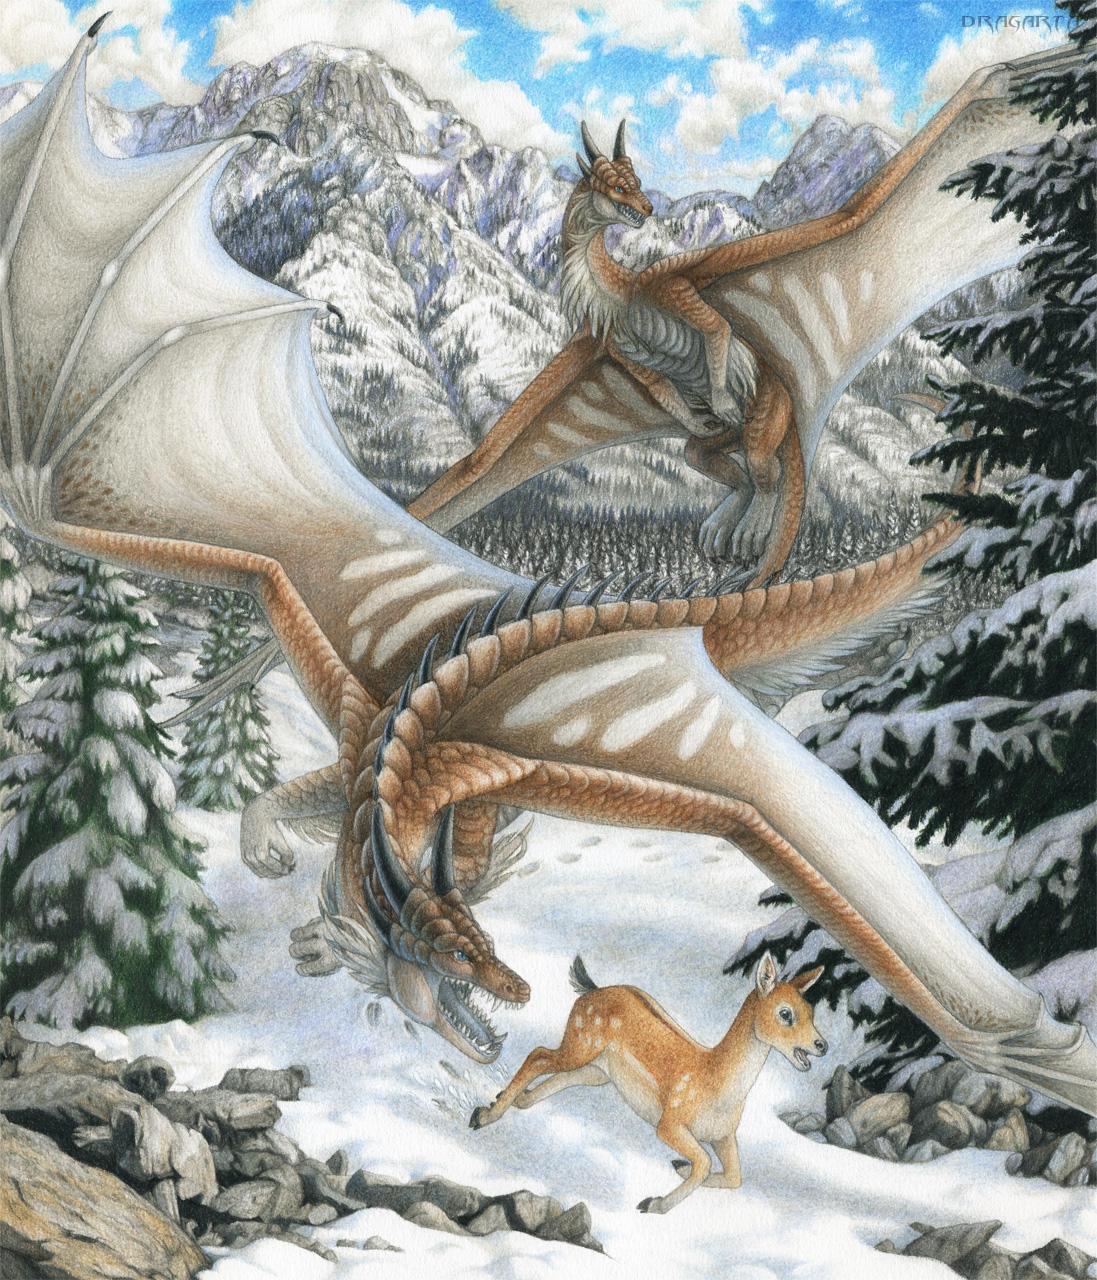 First hunt by Dragarta